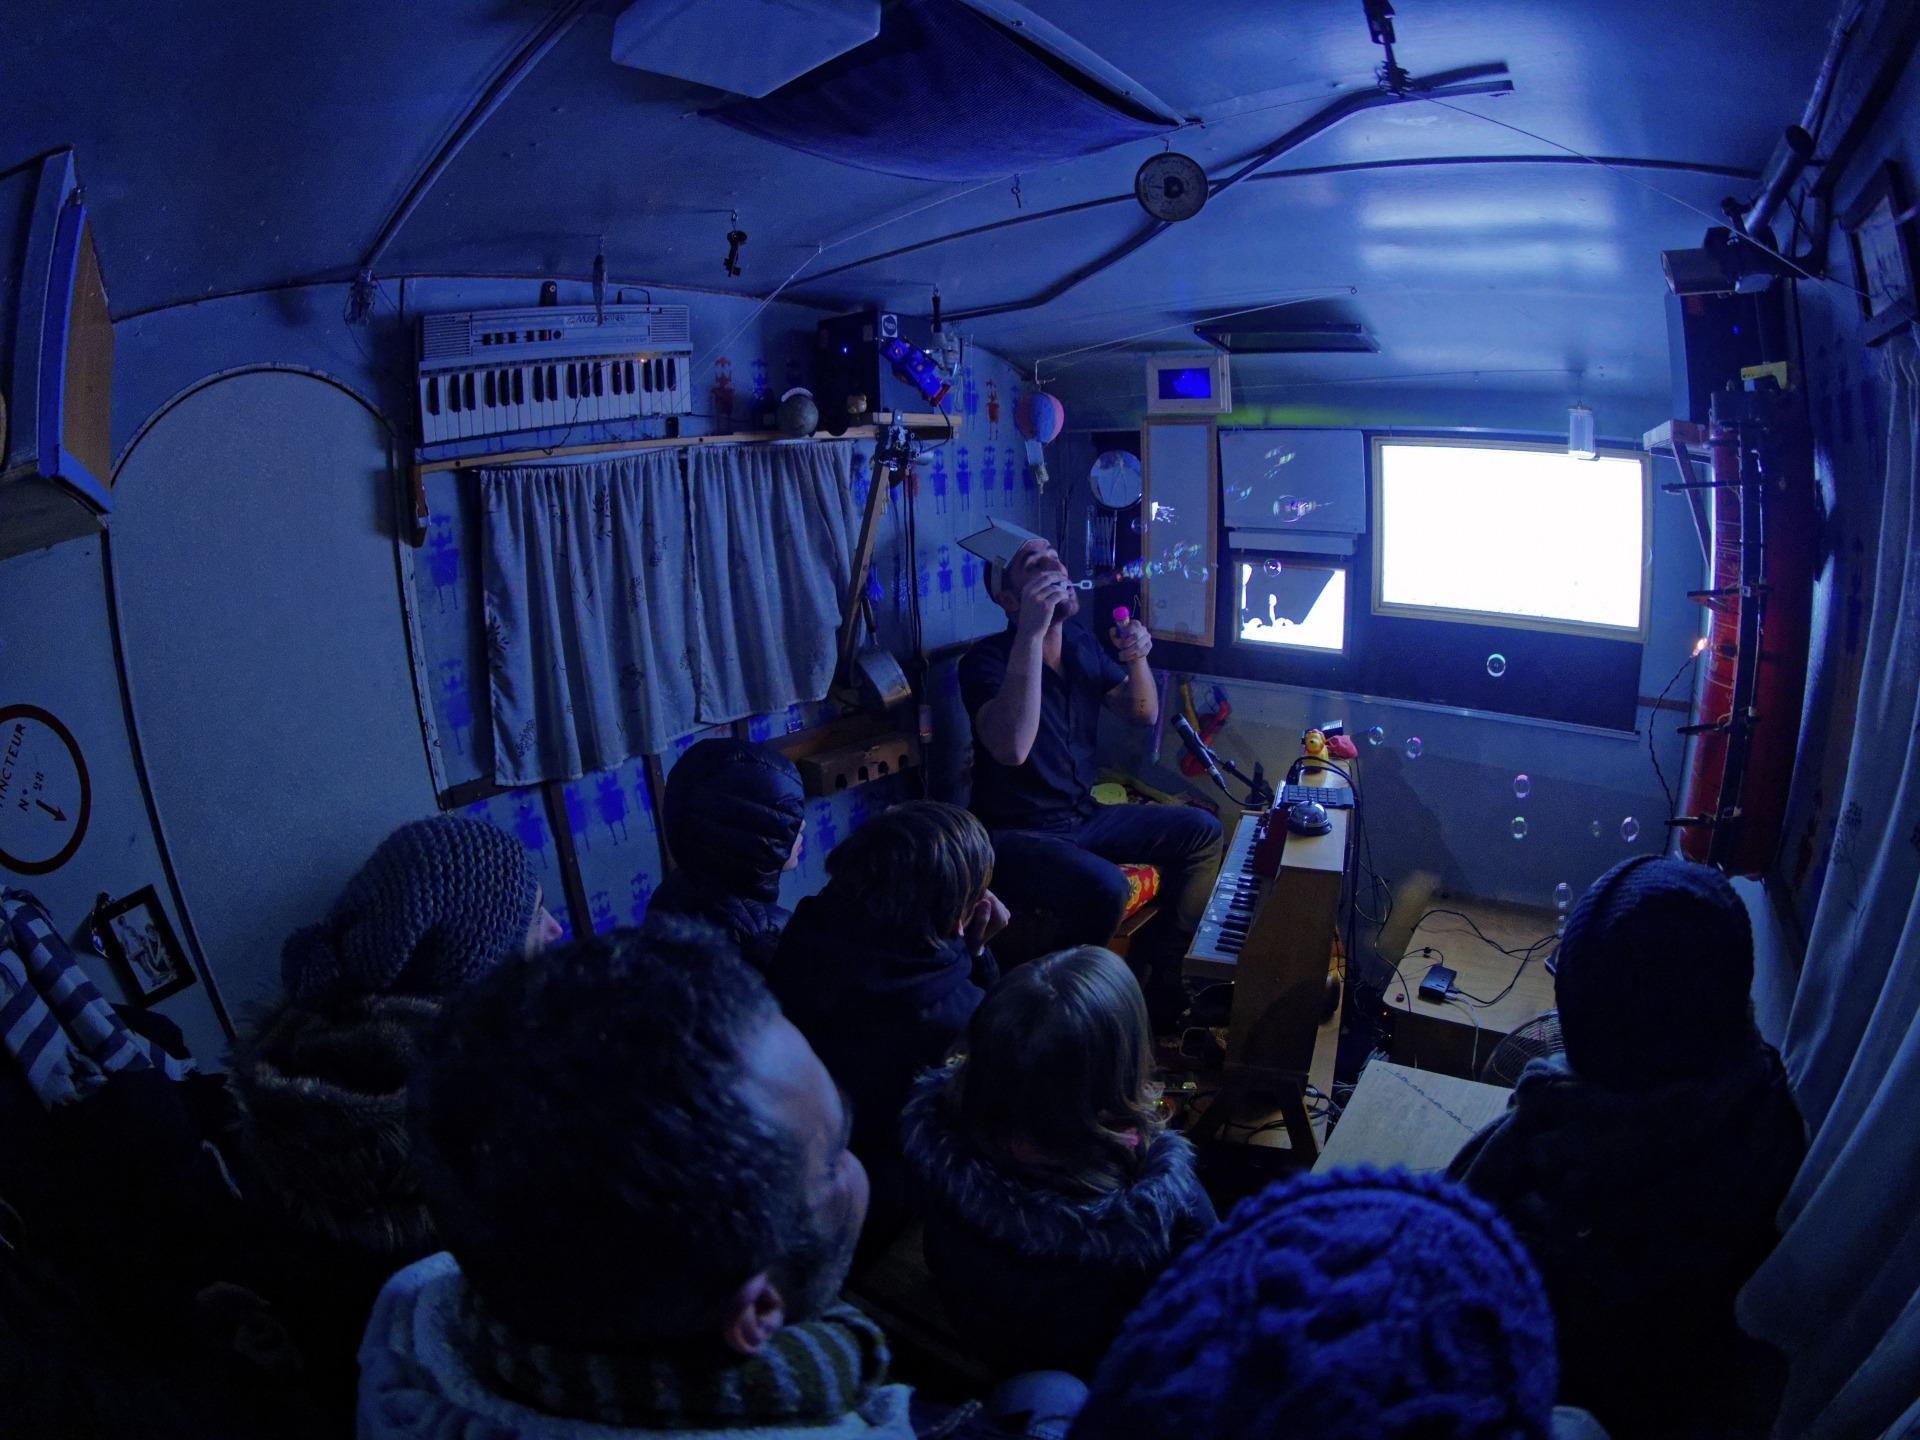 Fotografias do interior da caravana do espectáculo Avion Papier